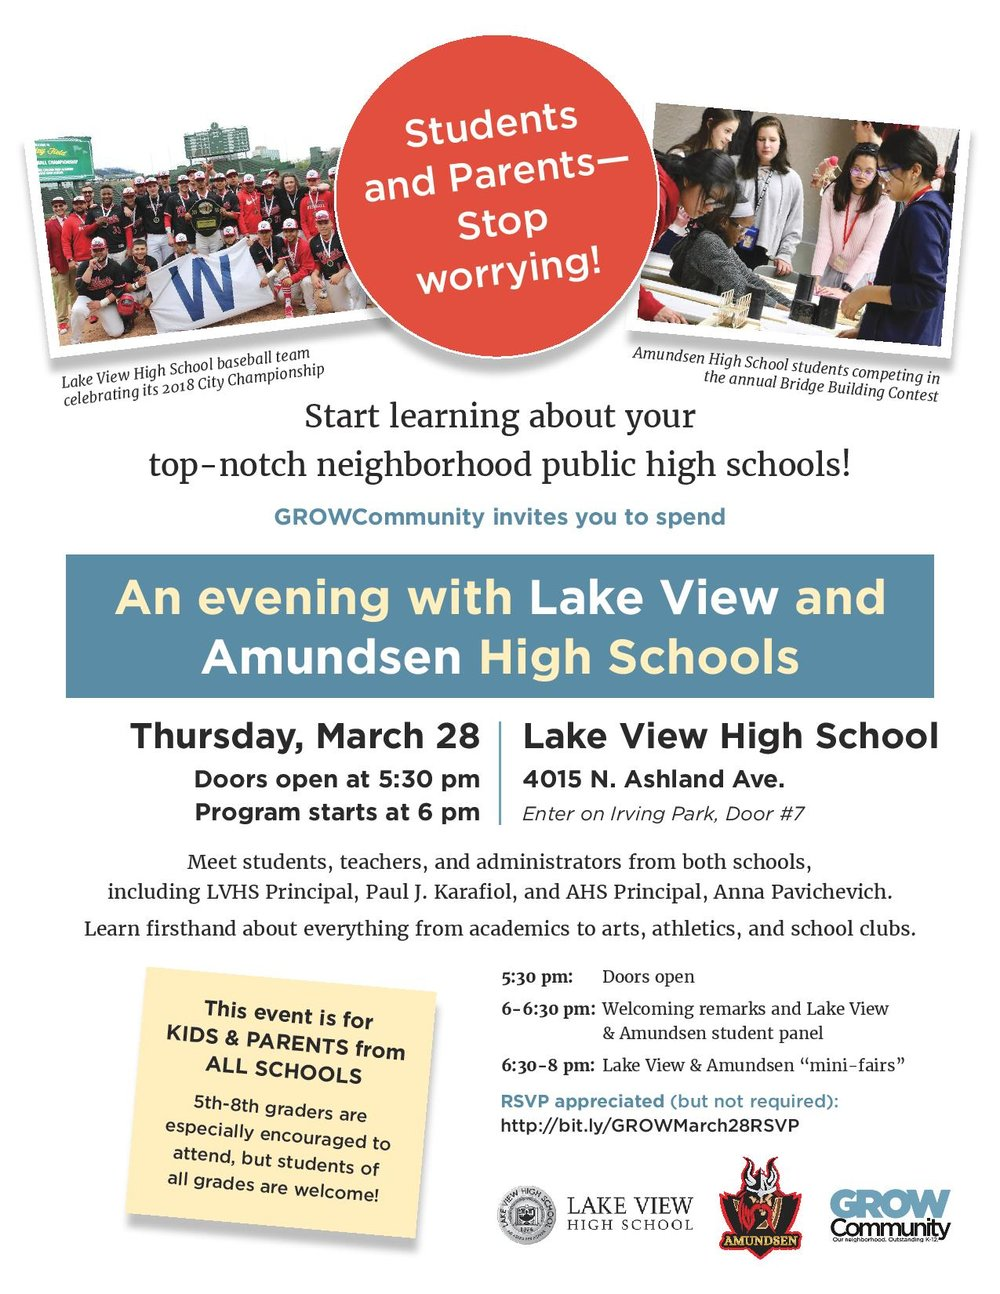 GROW-LVHS-AHS March 28 Event Flyer FINAL.jpg